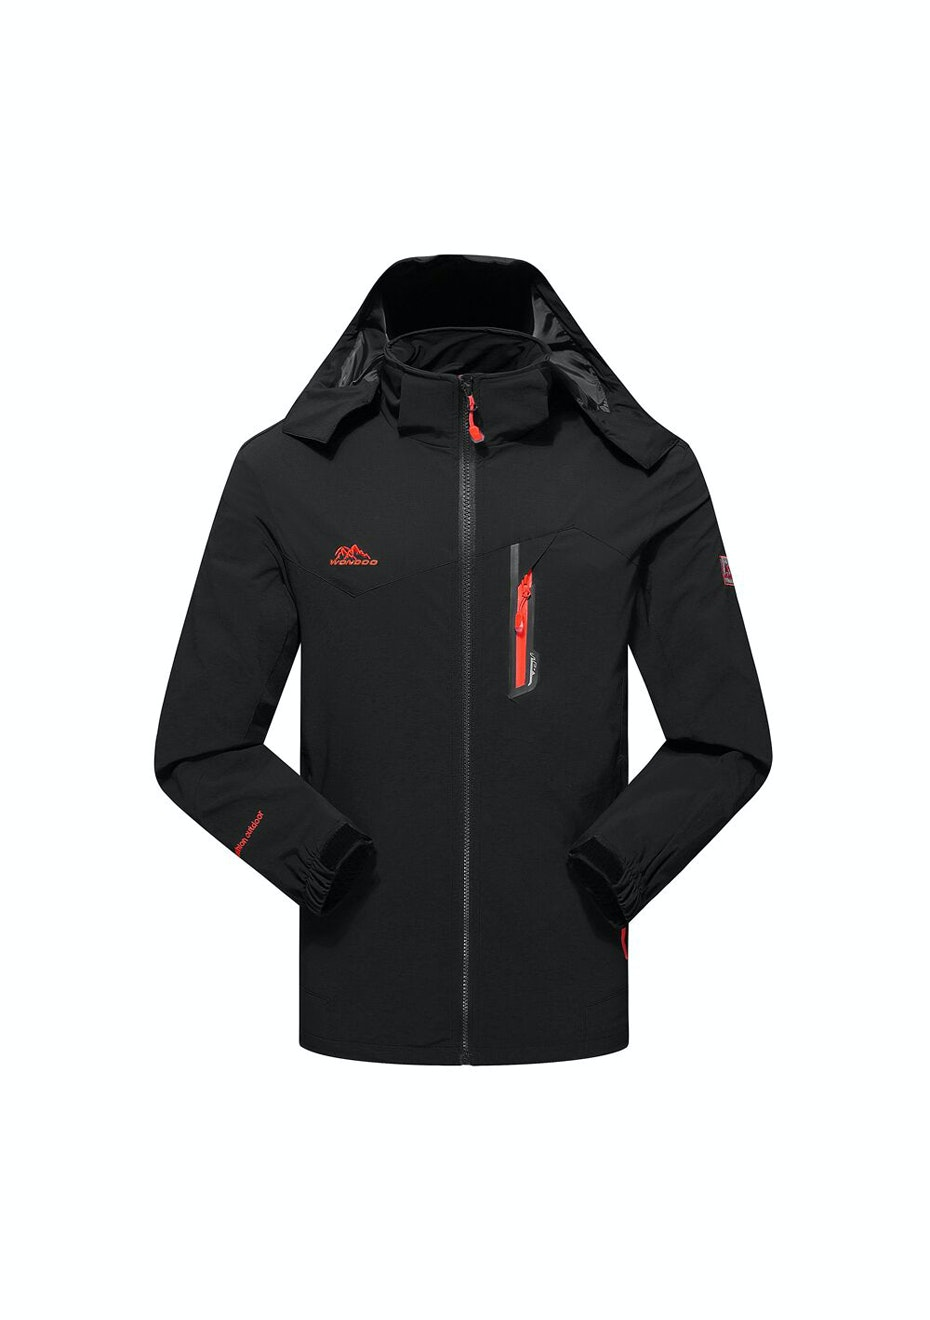 Men 2-in-1 WaterProof Jackets - Black